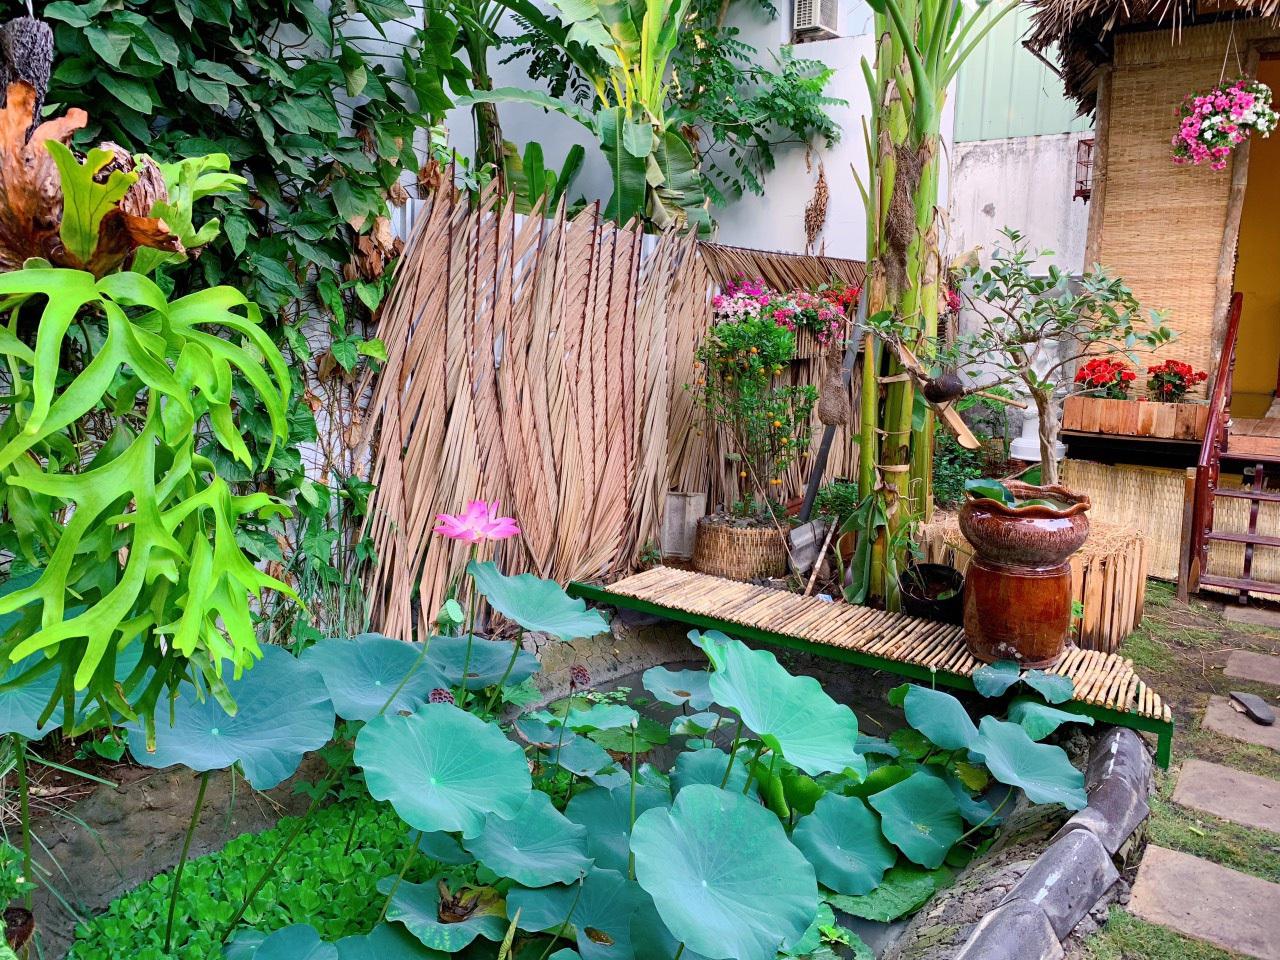 Bỏ 50 triệu đồng cải tạo vườn chuối thành khu sinh thái trong mơ - 5